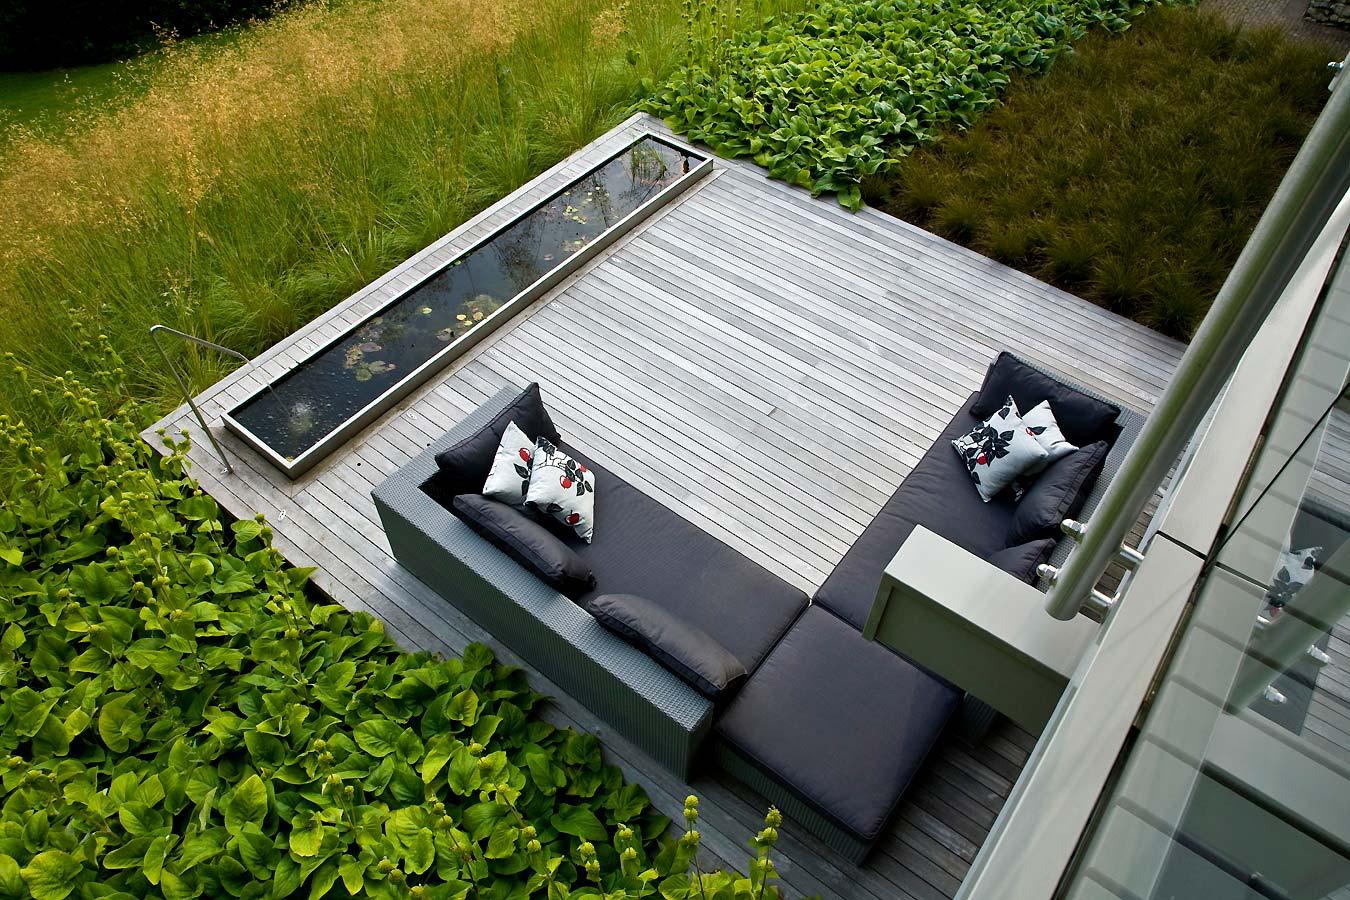 paradis express anthony paul landscape design. Black Bedroom Furniture Sets. Home Design Ideas